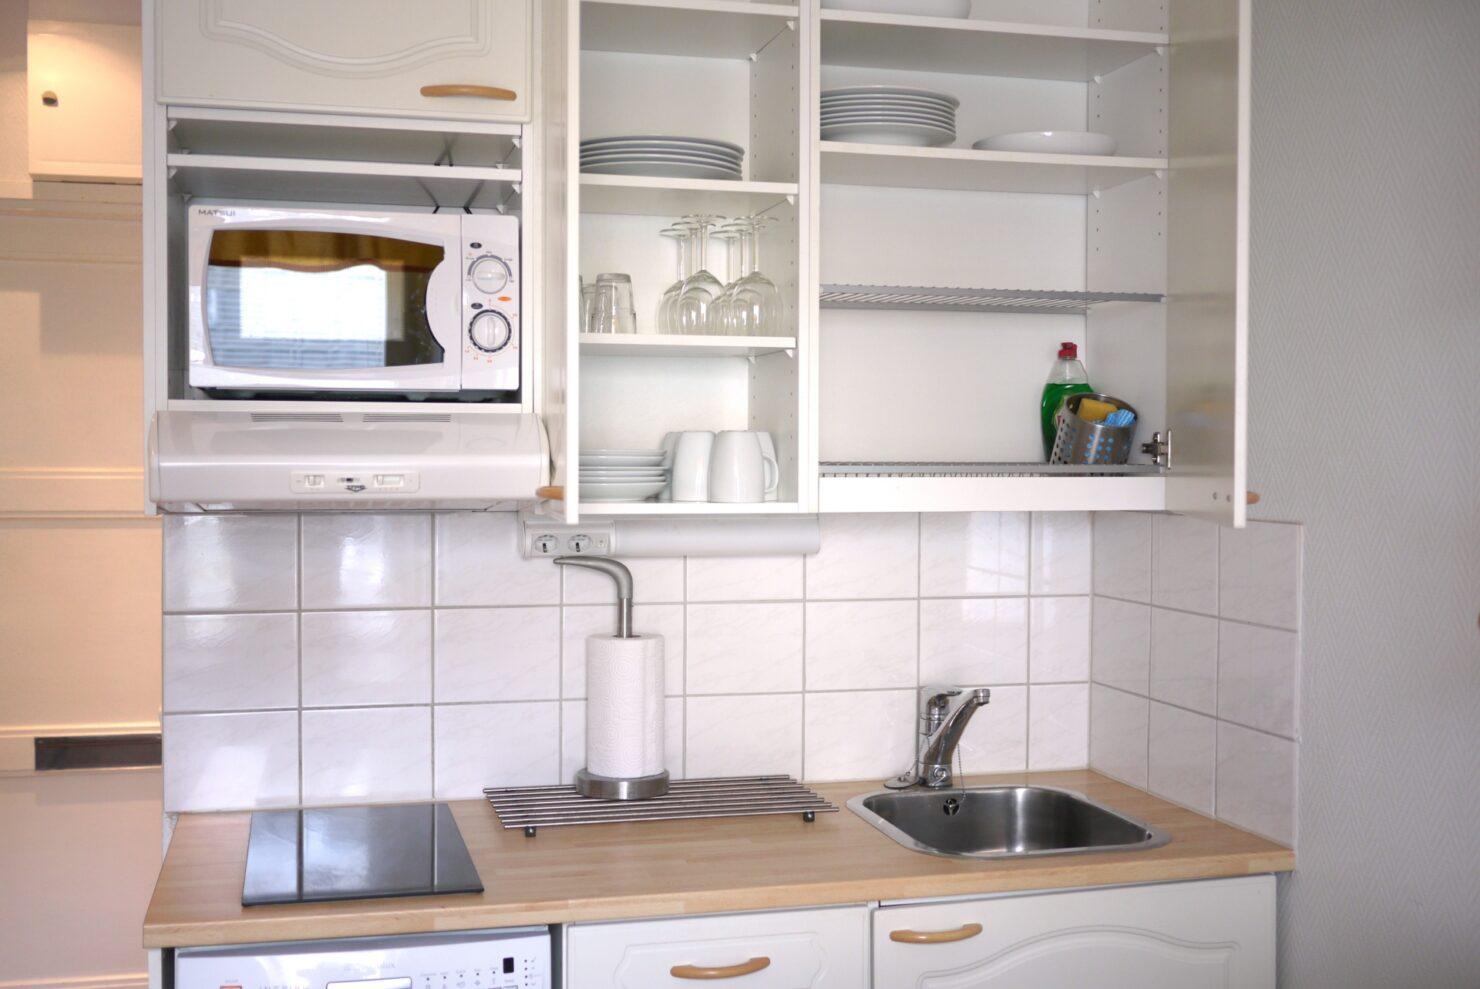 食器の収納はアイテム・収納場所ごとに変えるとスッキリ!